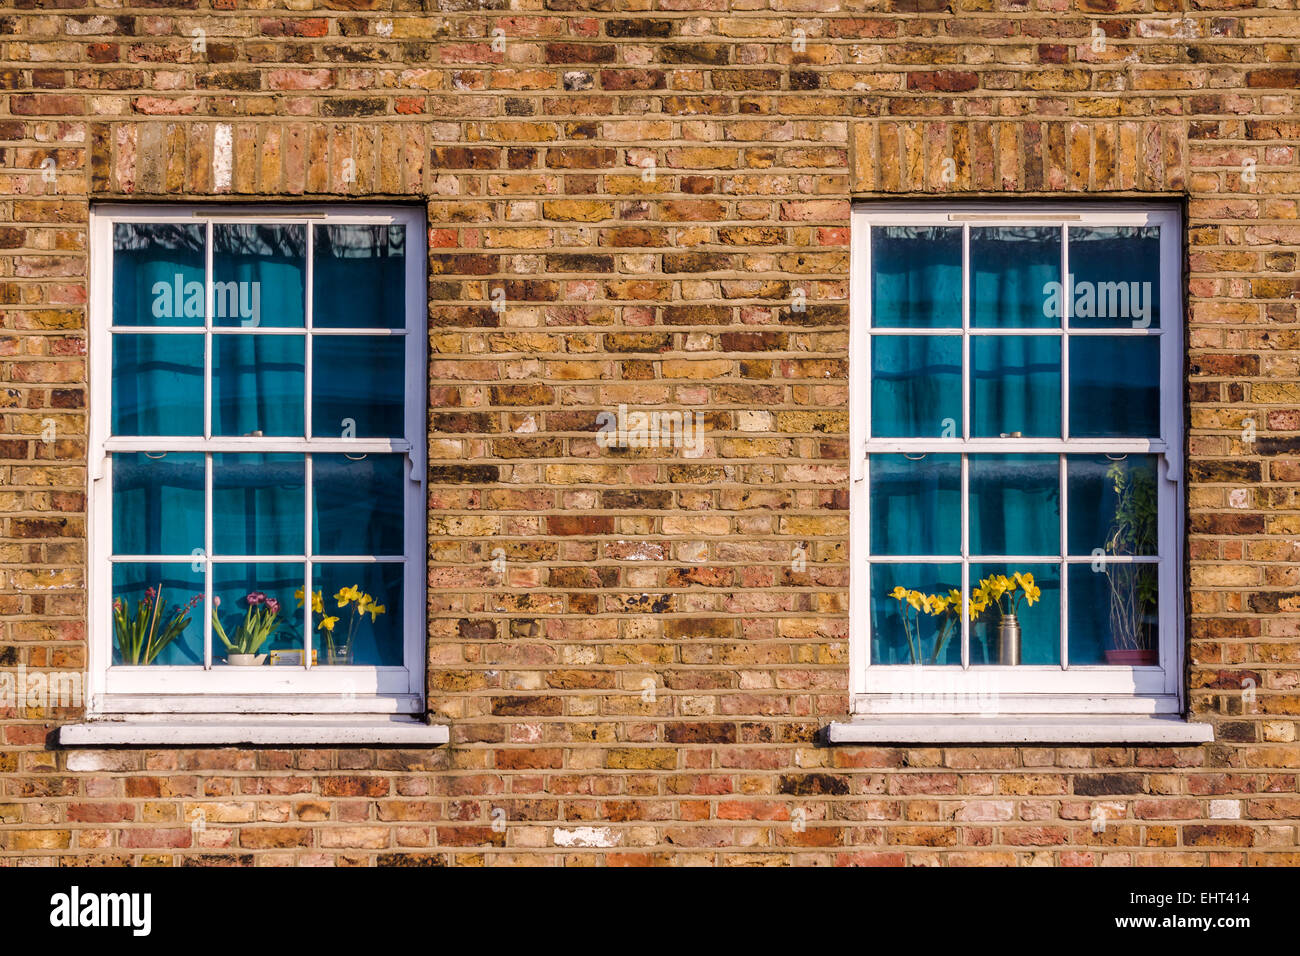 Deux fenêtres, avec des rideaux tirés, dans une rue du nord de Londres. Photo Stock